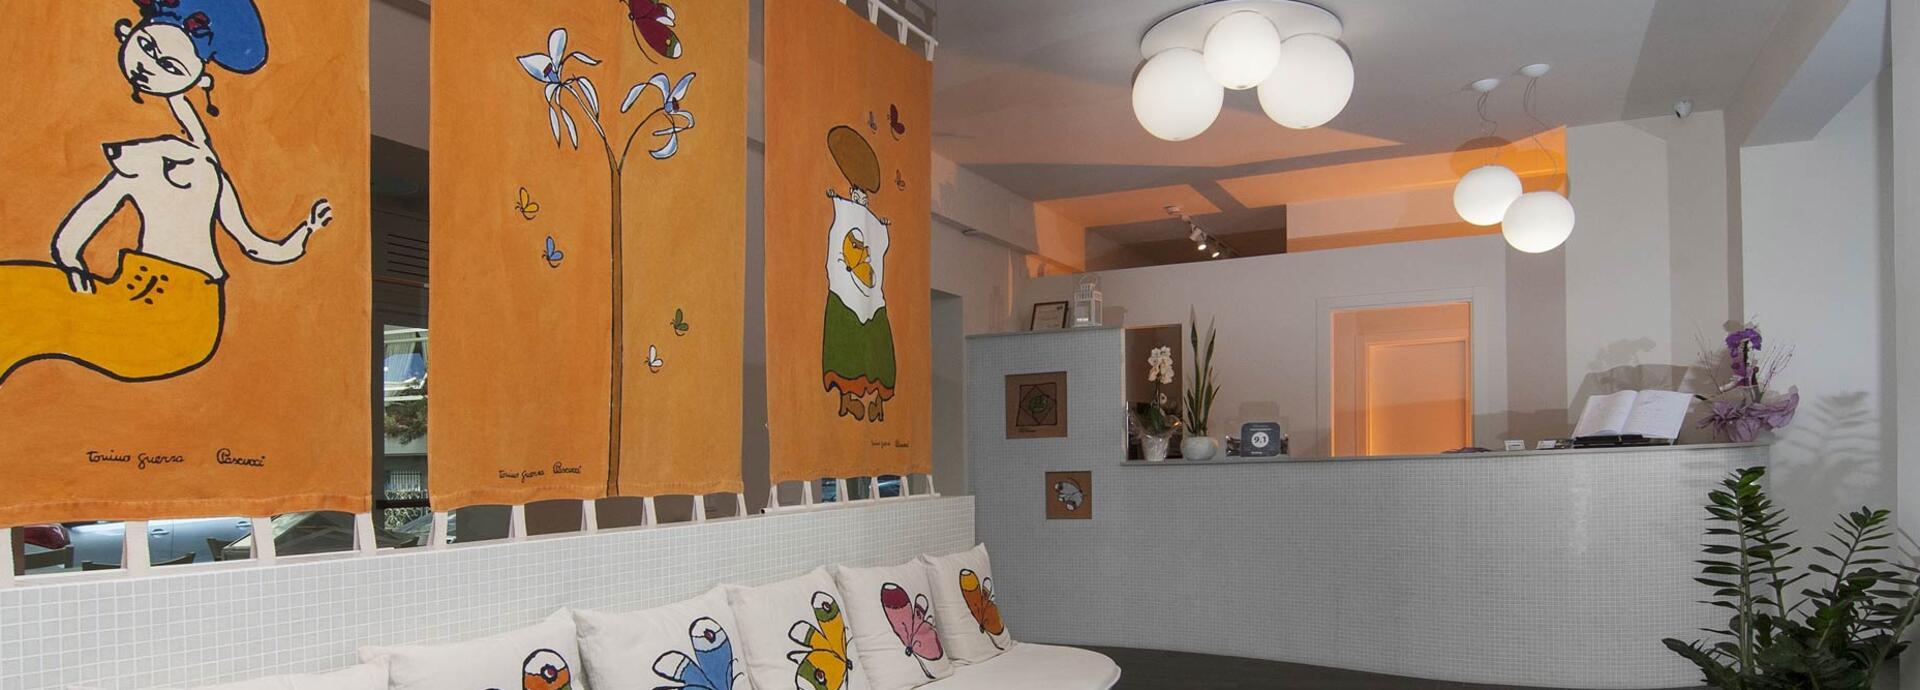 hotelcasablanca it home 020